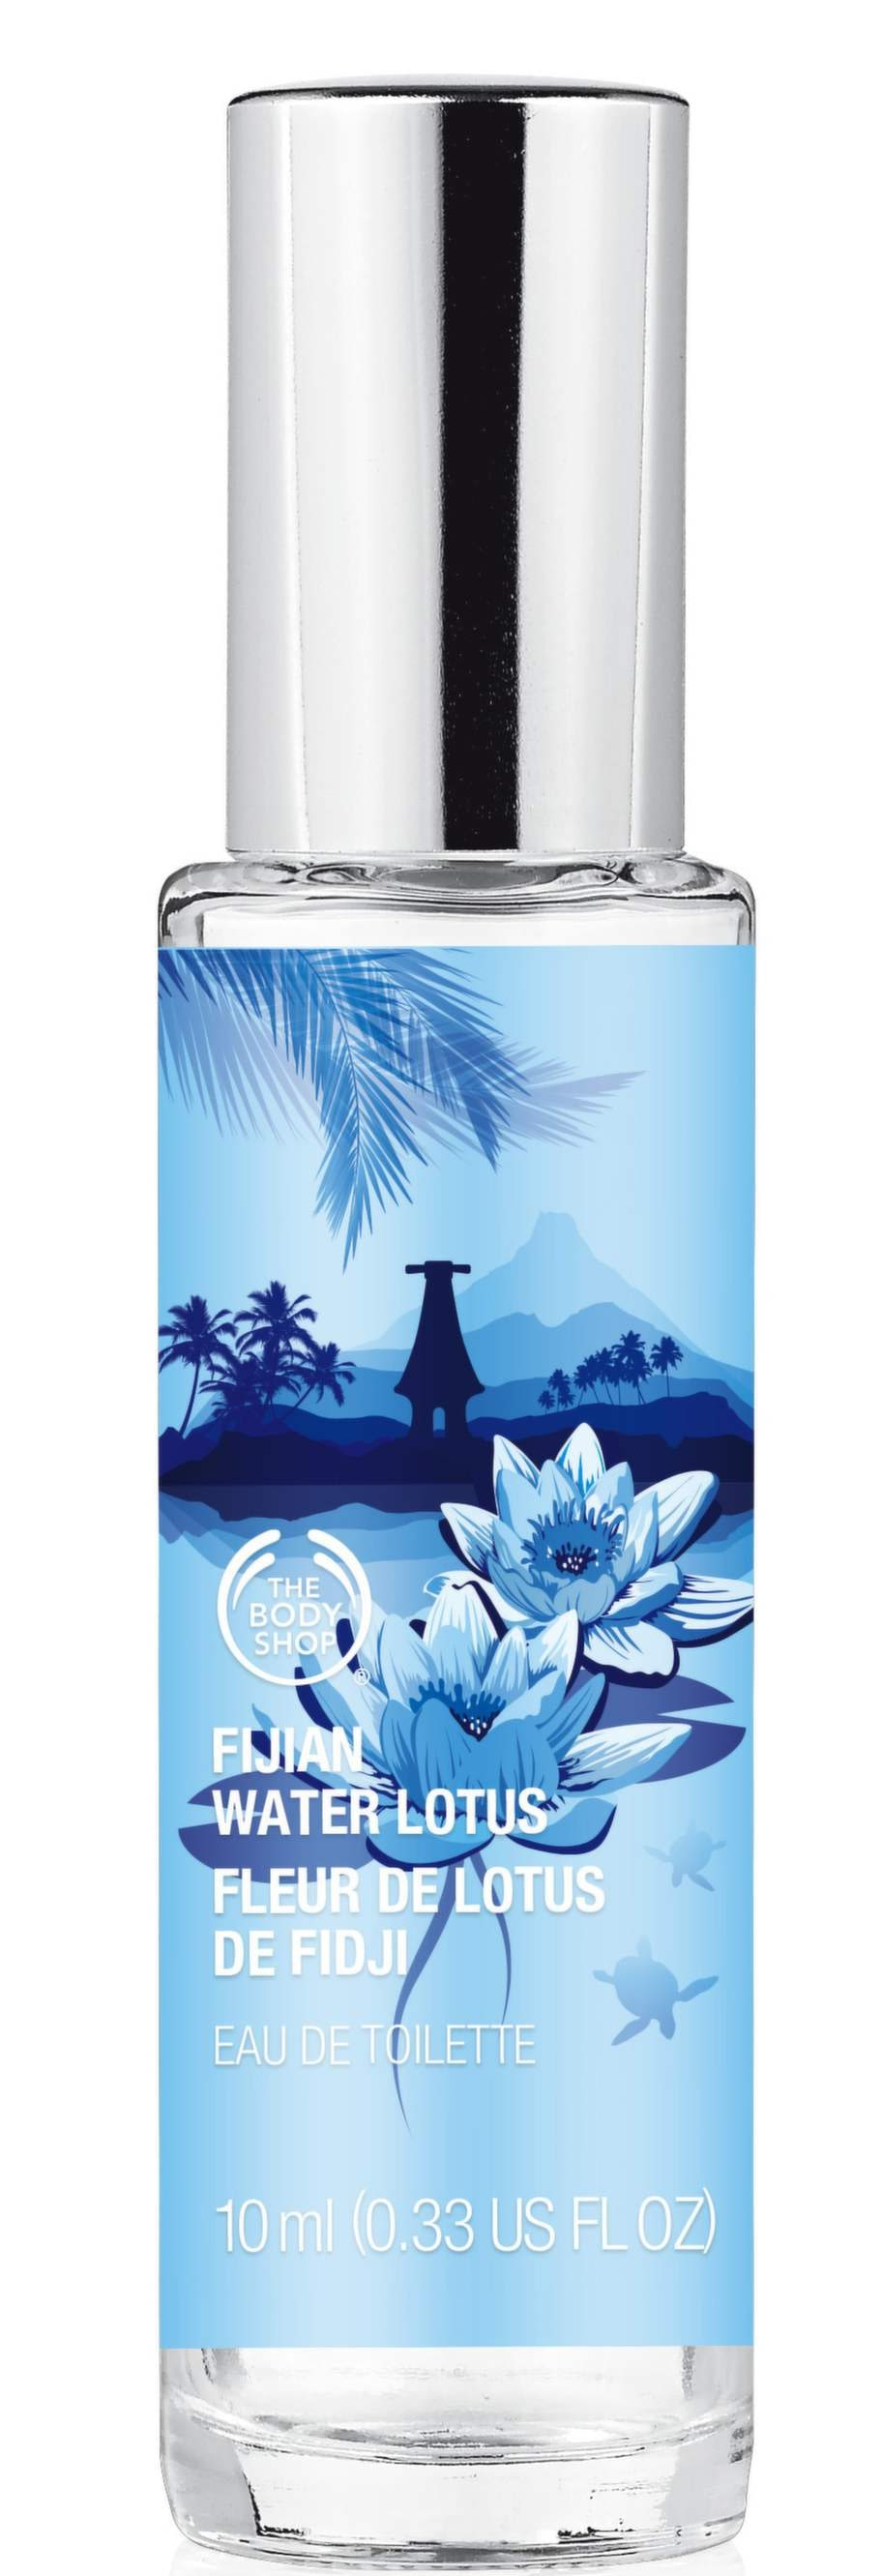 Fijan Water Lotus från The Bodyshop. Med doft av vattenlotus och mandarin. Mini Edt finns i 9 olika dofter och landar i butik 3 juli. 95 kronor/10 ml.